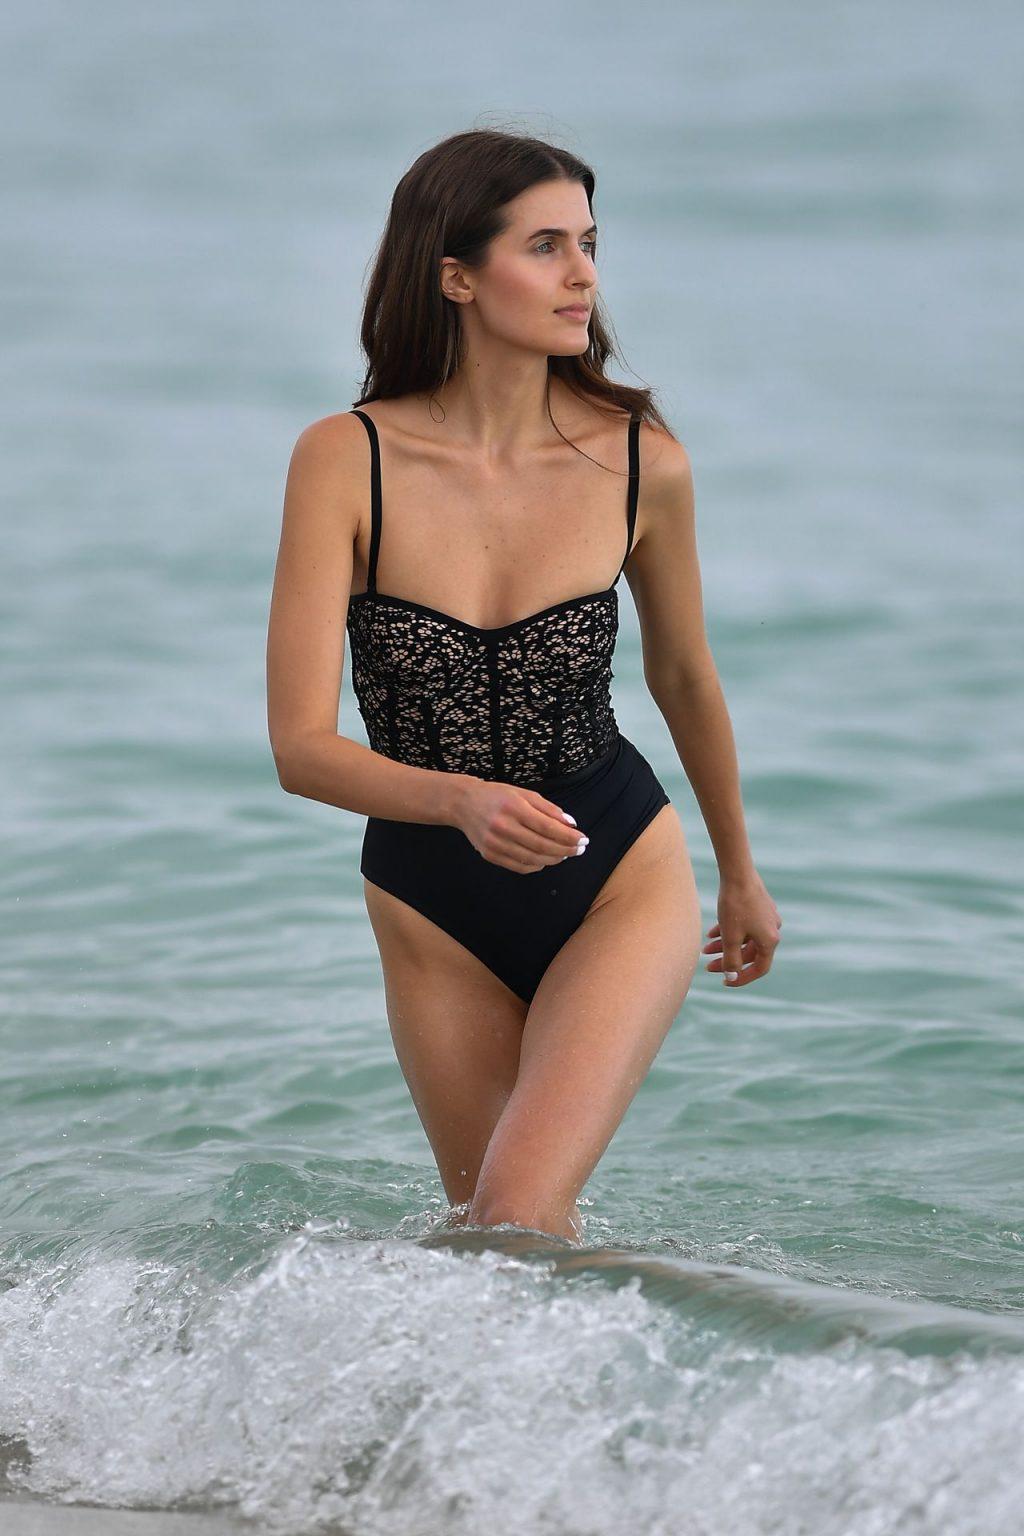 Jessica Markowski Sexy (32 Photos)